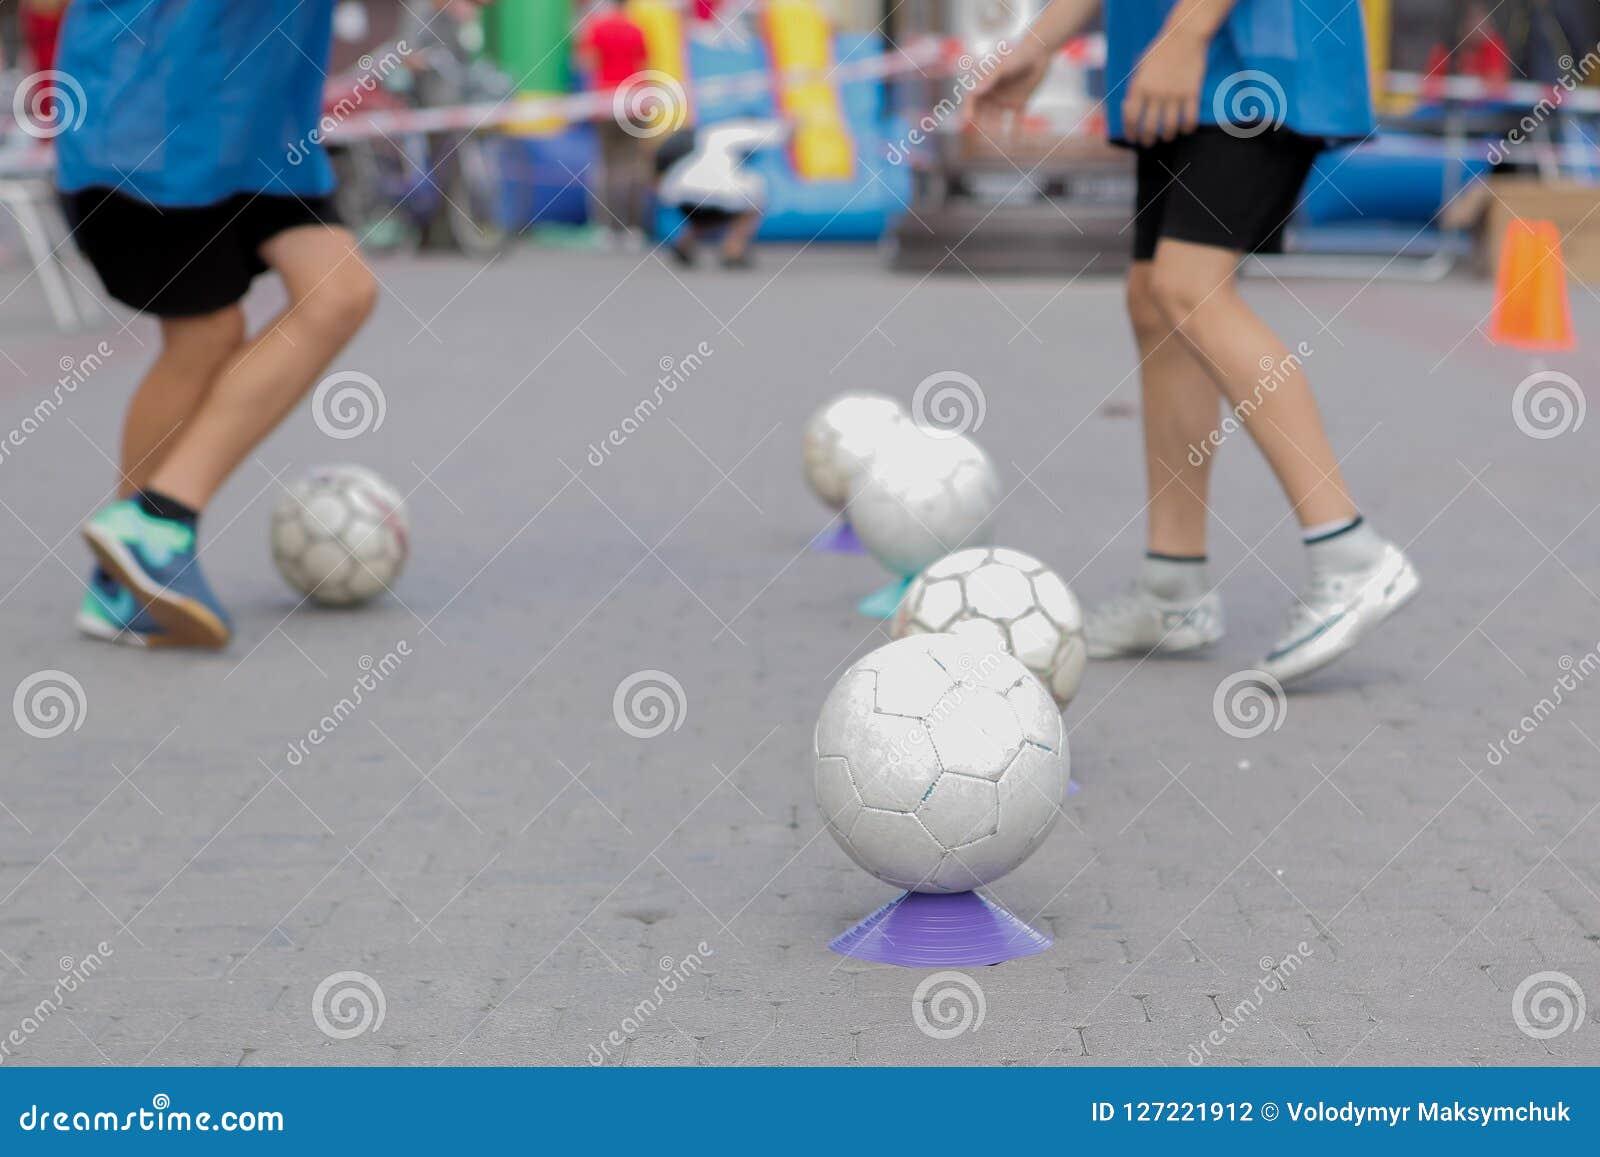 Children Training in Soccer academy, children`s training with balls